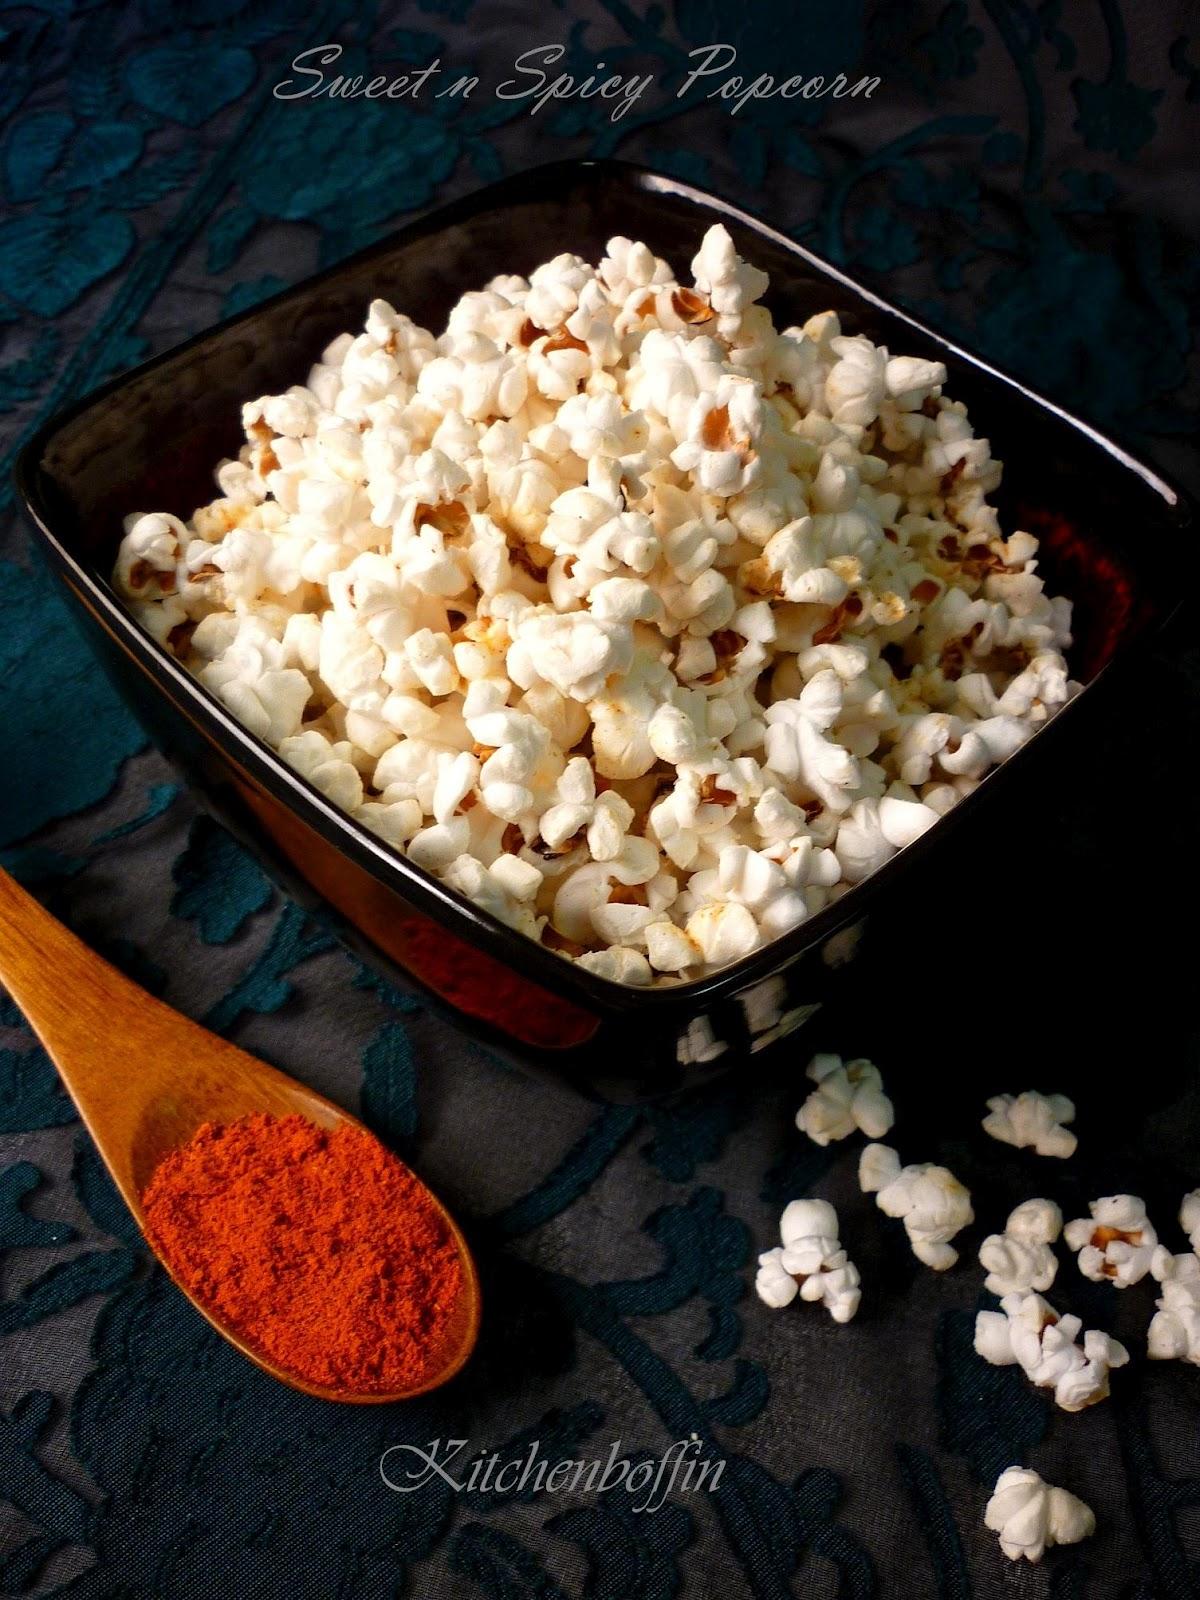 Kitchen Boffin Sweet Spicy Popcorn